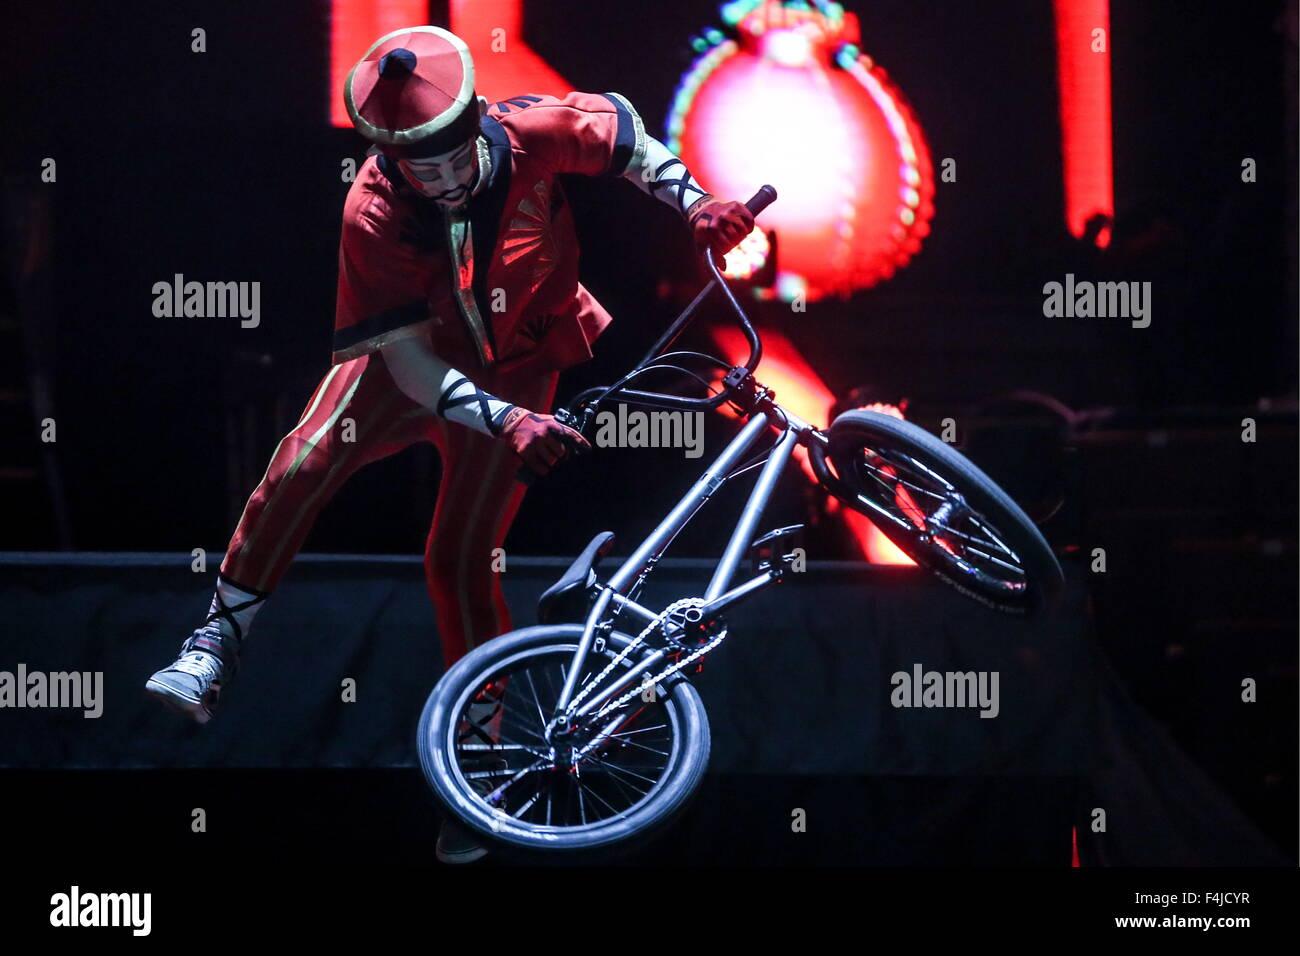 Moscou, Russie. 19 Oct, 2015. Un artiste interprète ou exécutant ne un vélo BMX stunt dans K.U.K.L.A Photo Stock